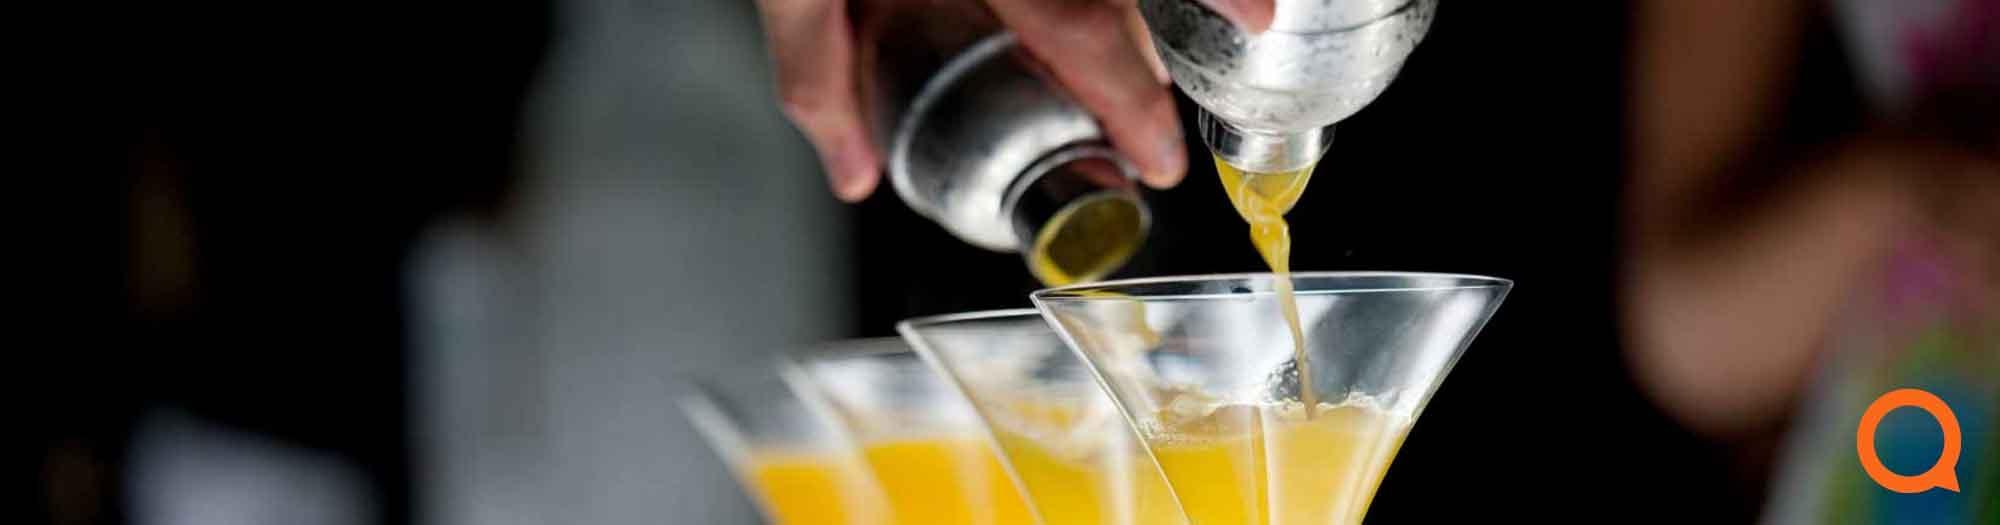 Cocktail pakketten